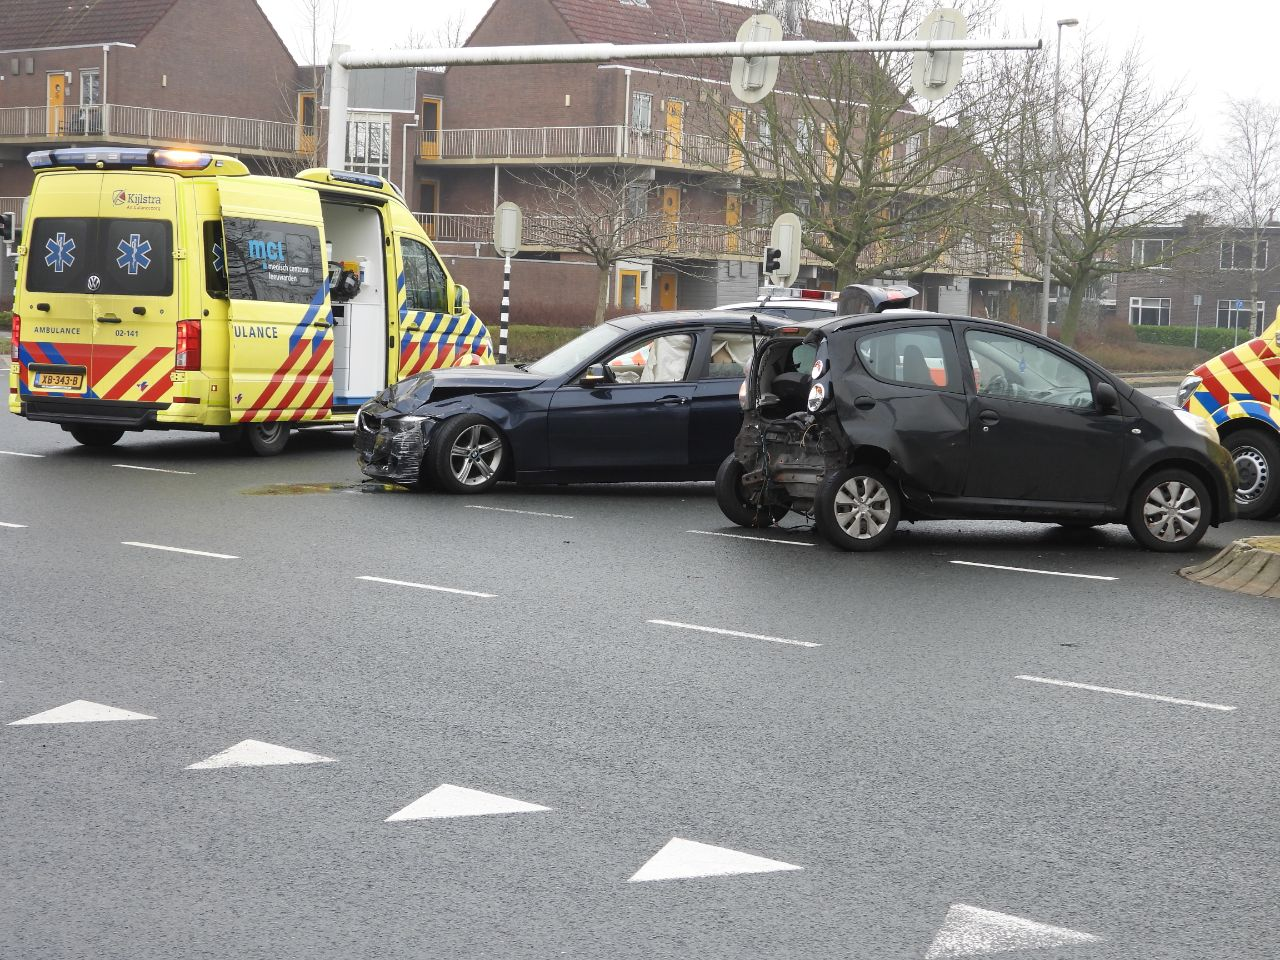 Twee gewonde na Aanrijding tussen twee auto's in Leeuwarden